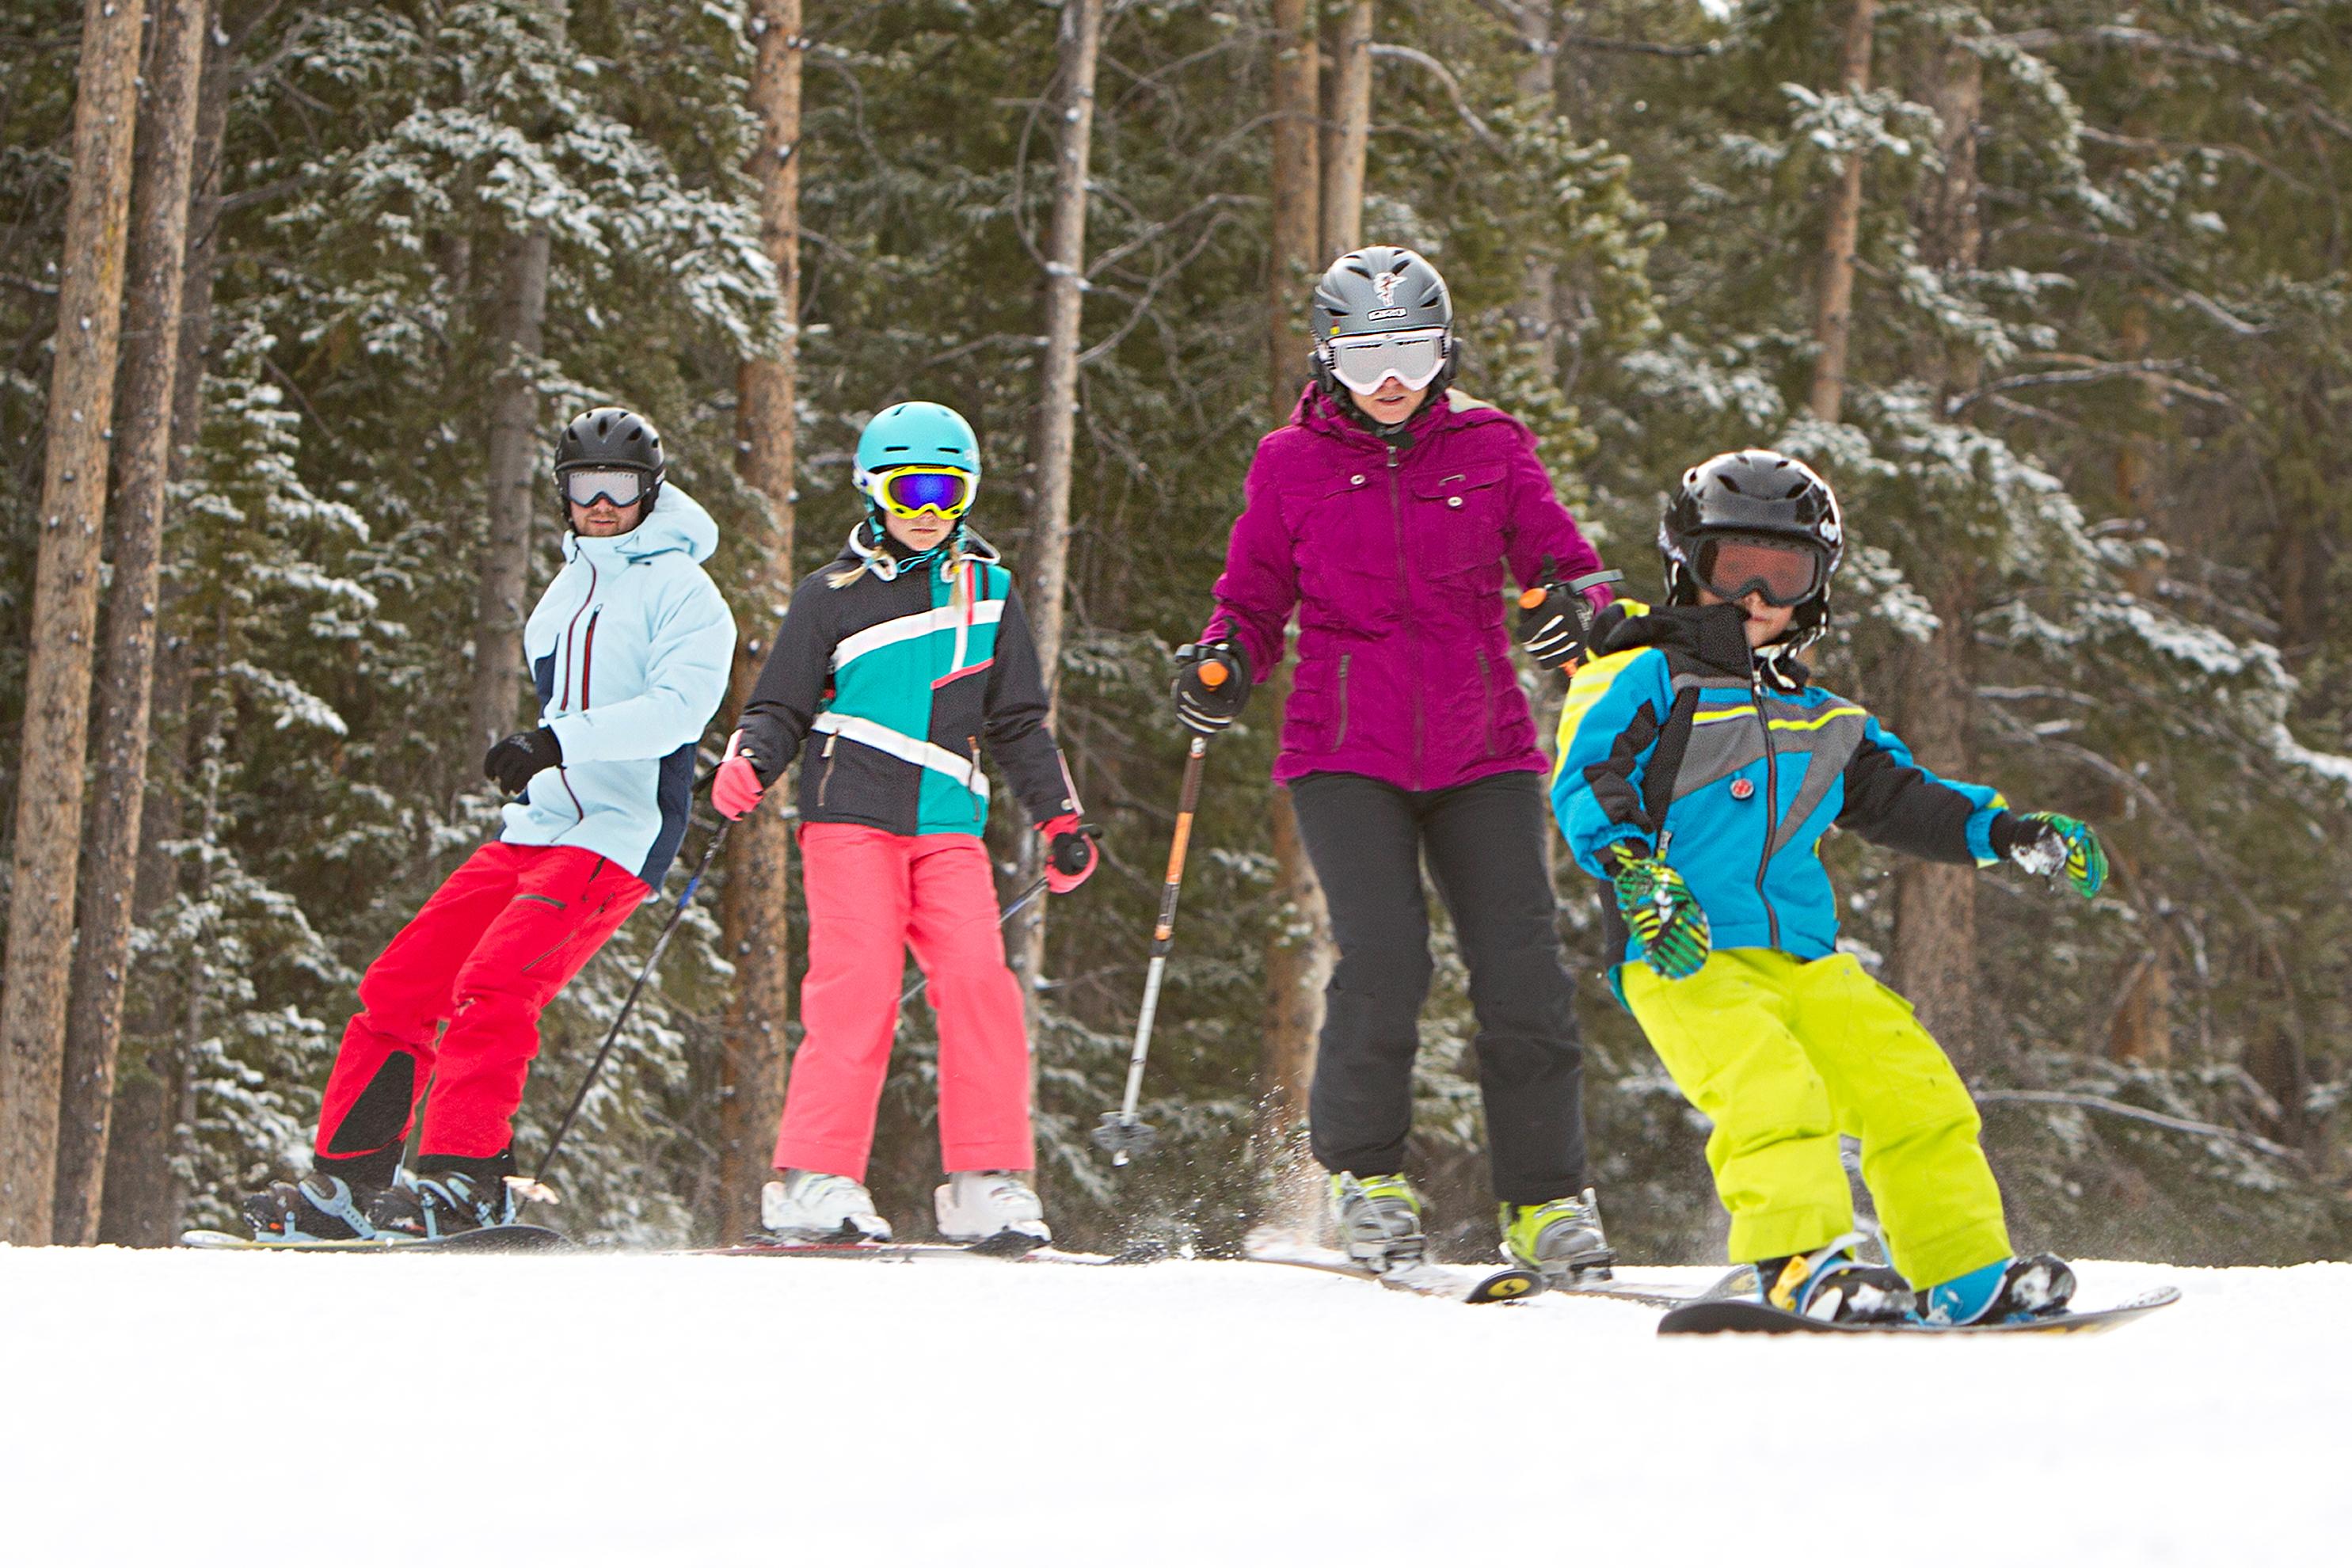 family ski action